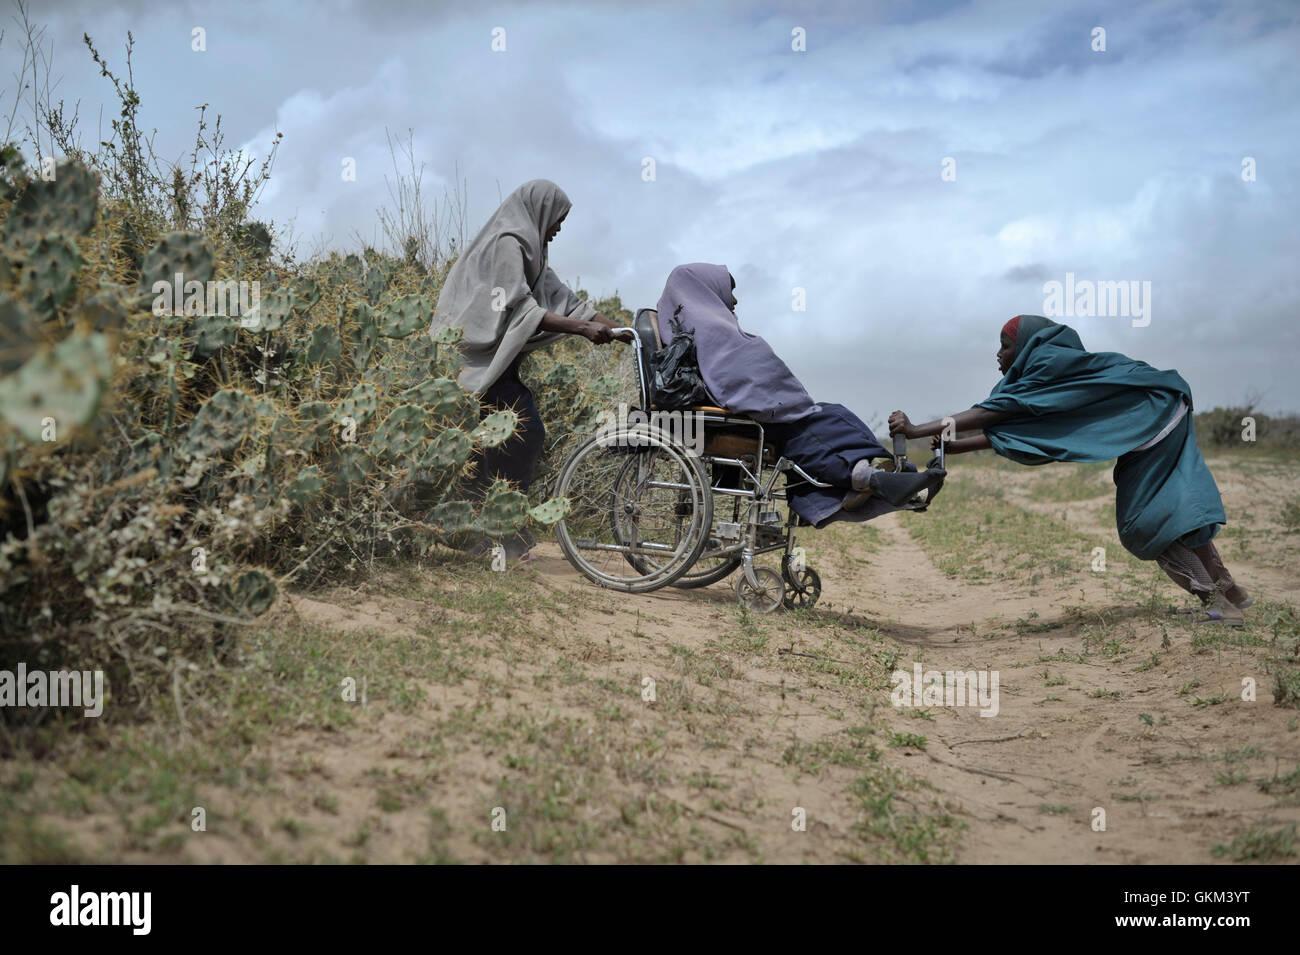 Due donna aiutare un altro attraverso una siepe di cactii presso un centro di distribuzione di aiuti alimentari Immagini Stock